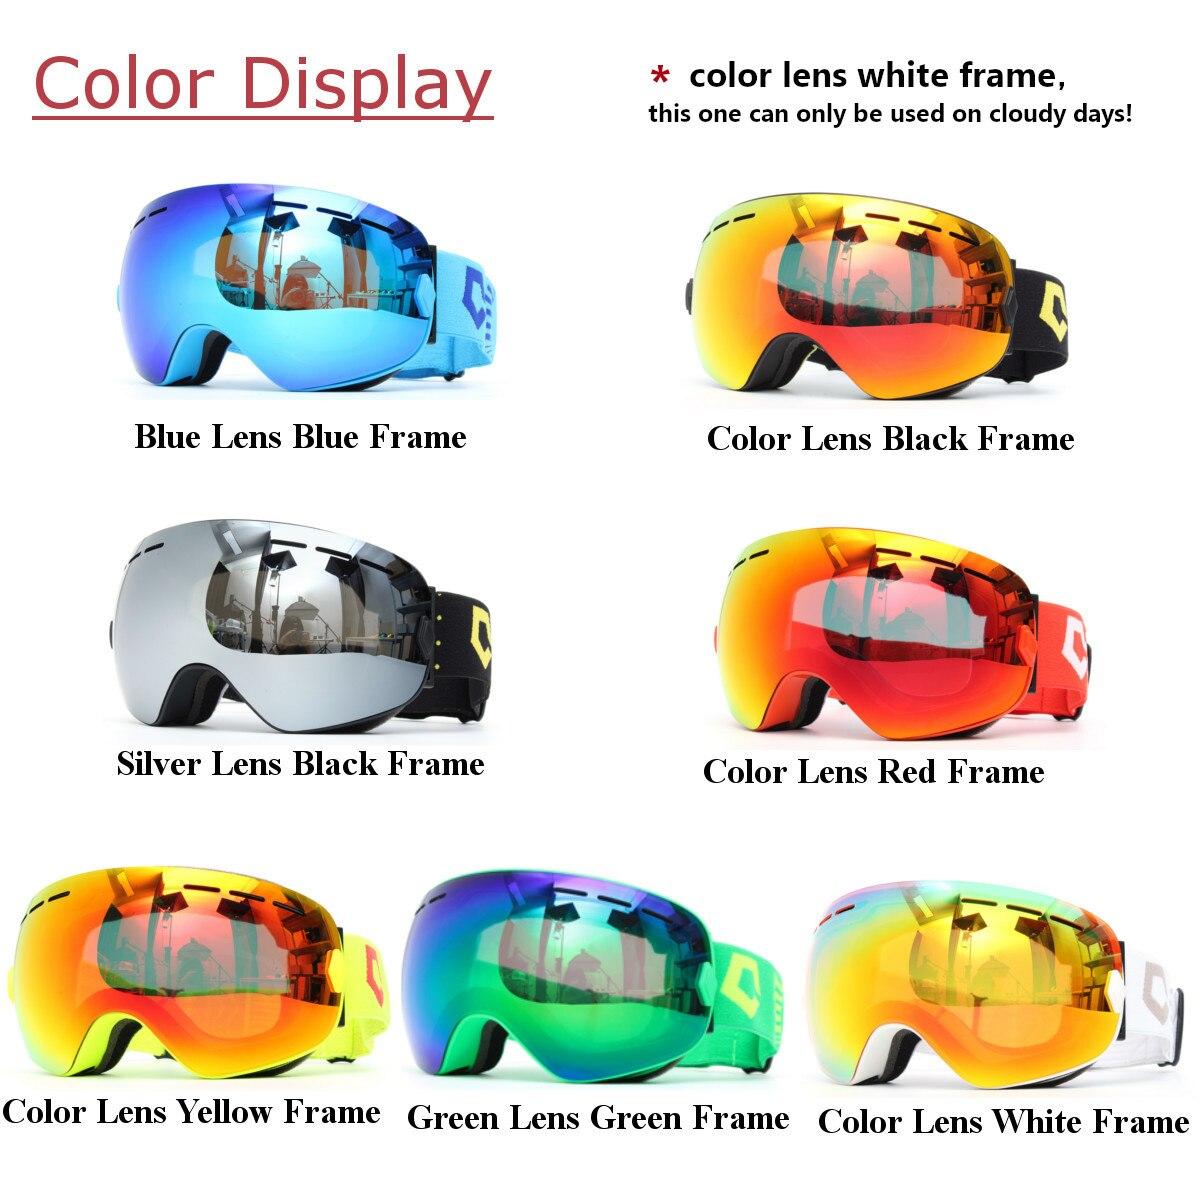 Лыжные очки для сноуборда, двухслойные линзы, сферическая Защита от УФ-излучения, анти-туман, для мужчин и женщин